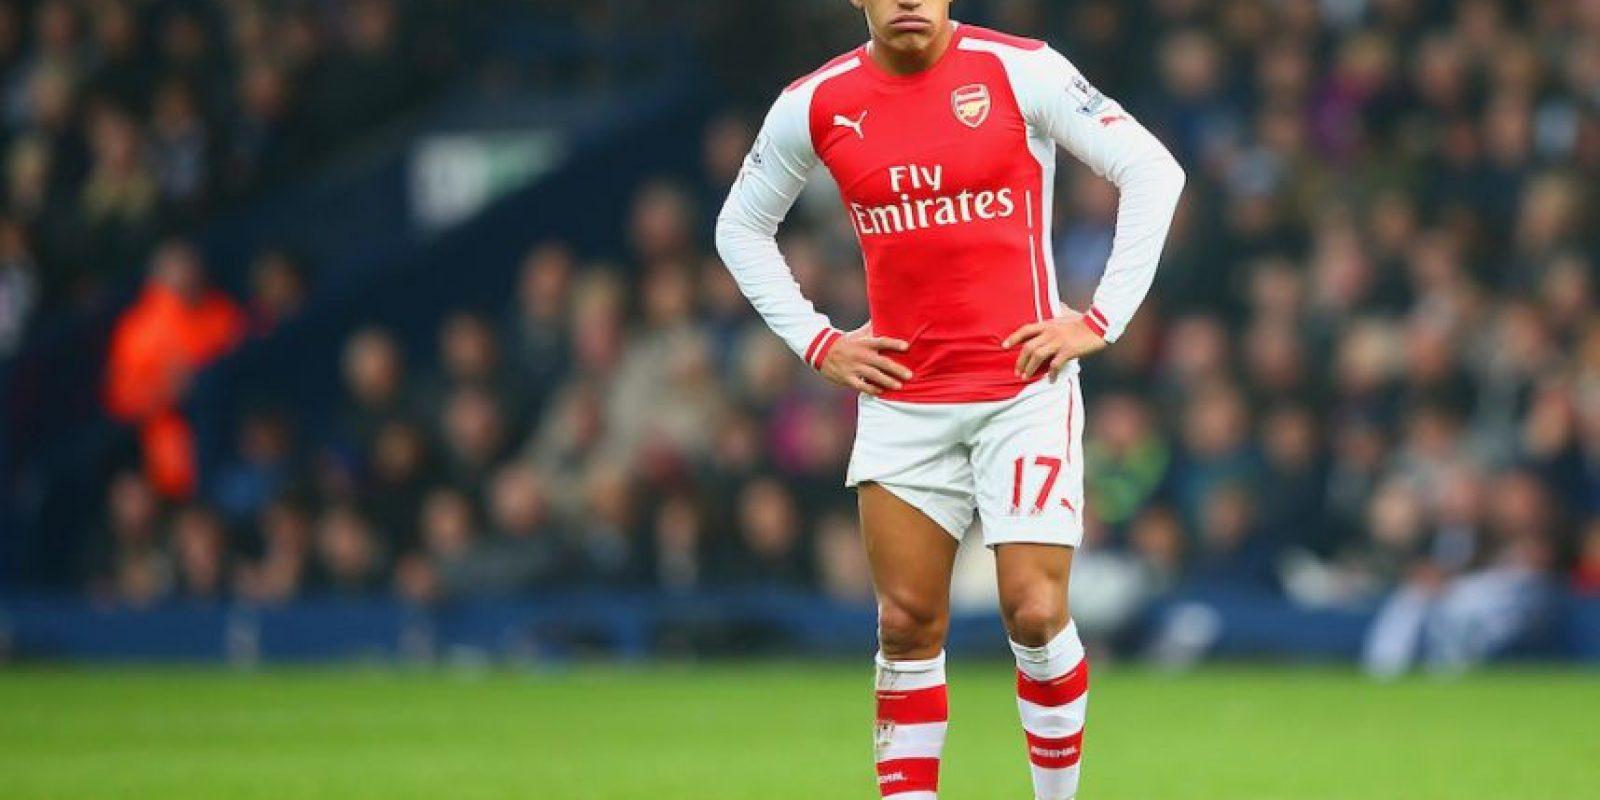 El delantero chileno Alexis Sánchez quiere ser la figura del Arsenal. Foto:Getty Images